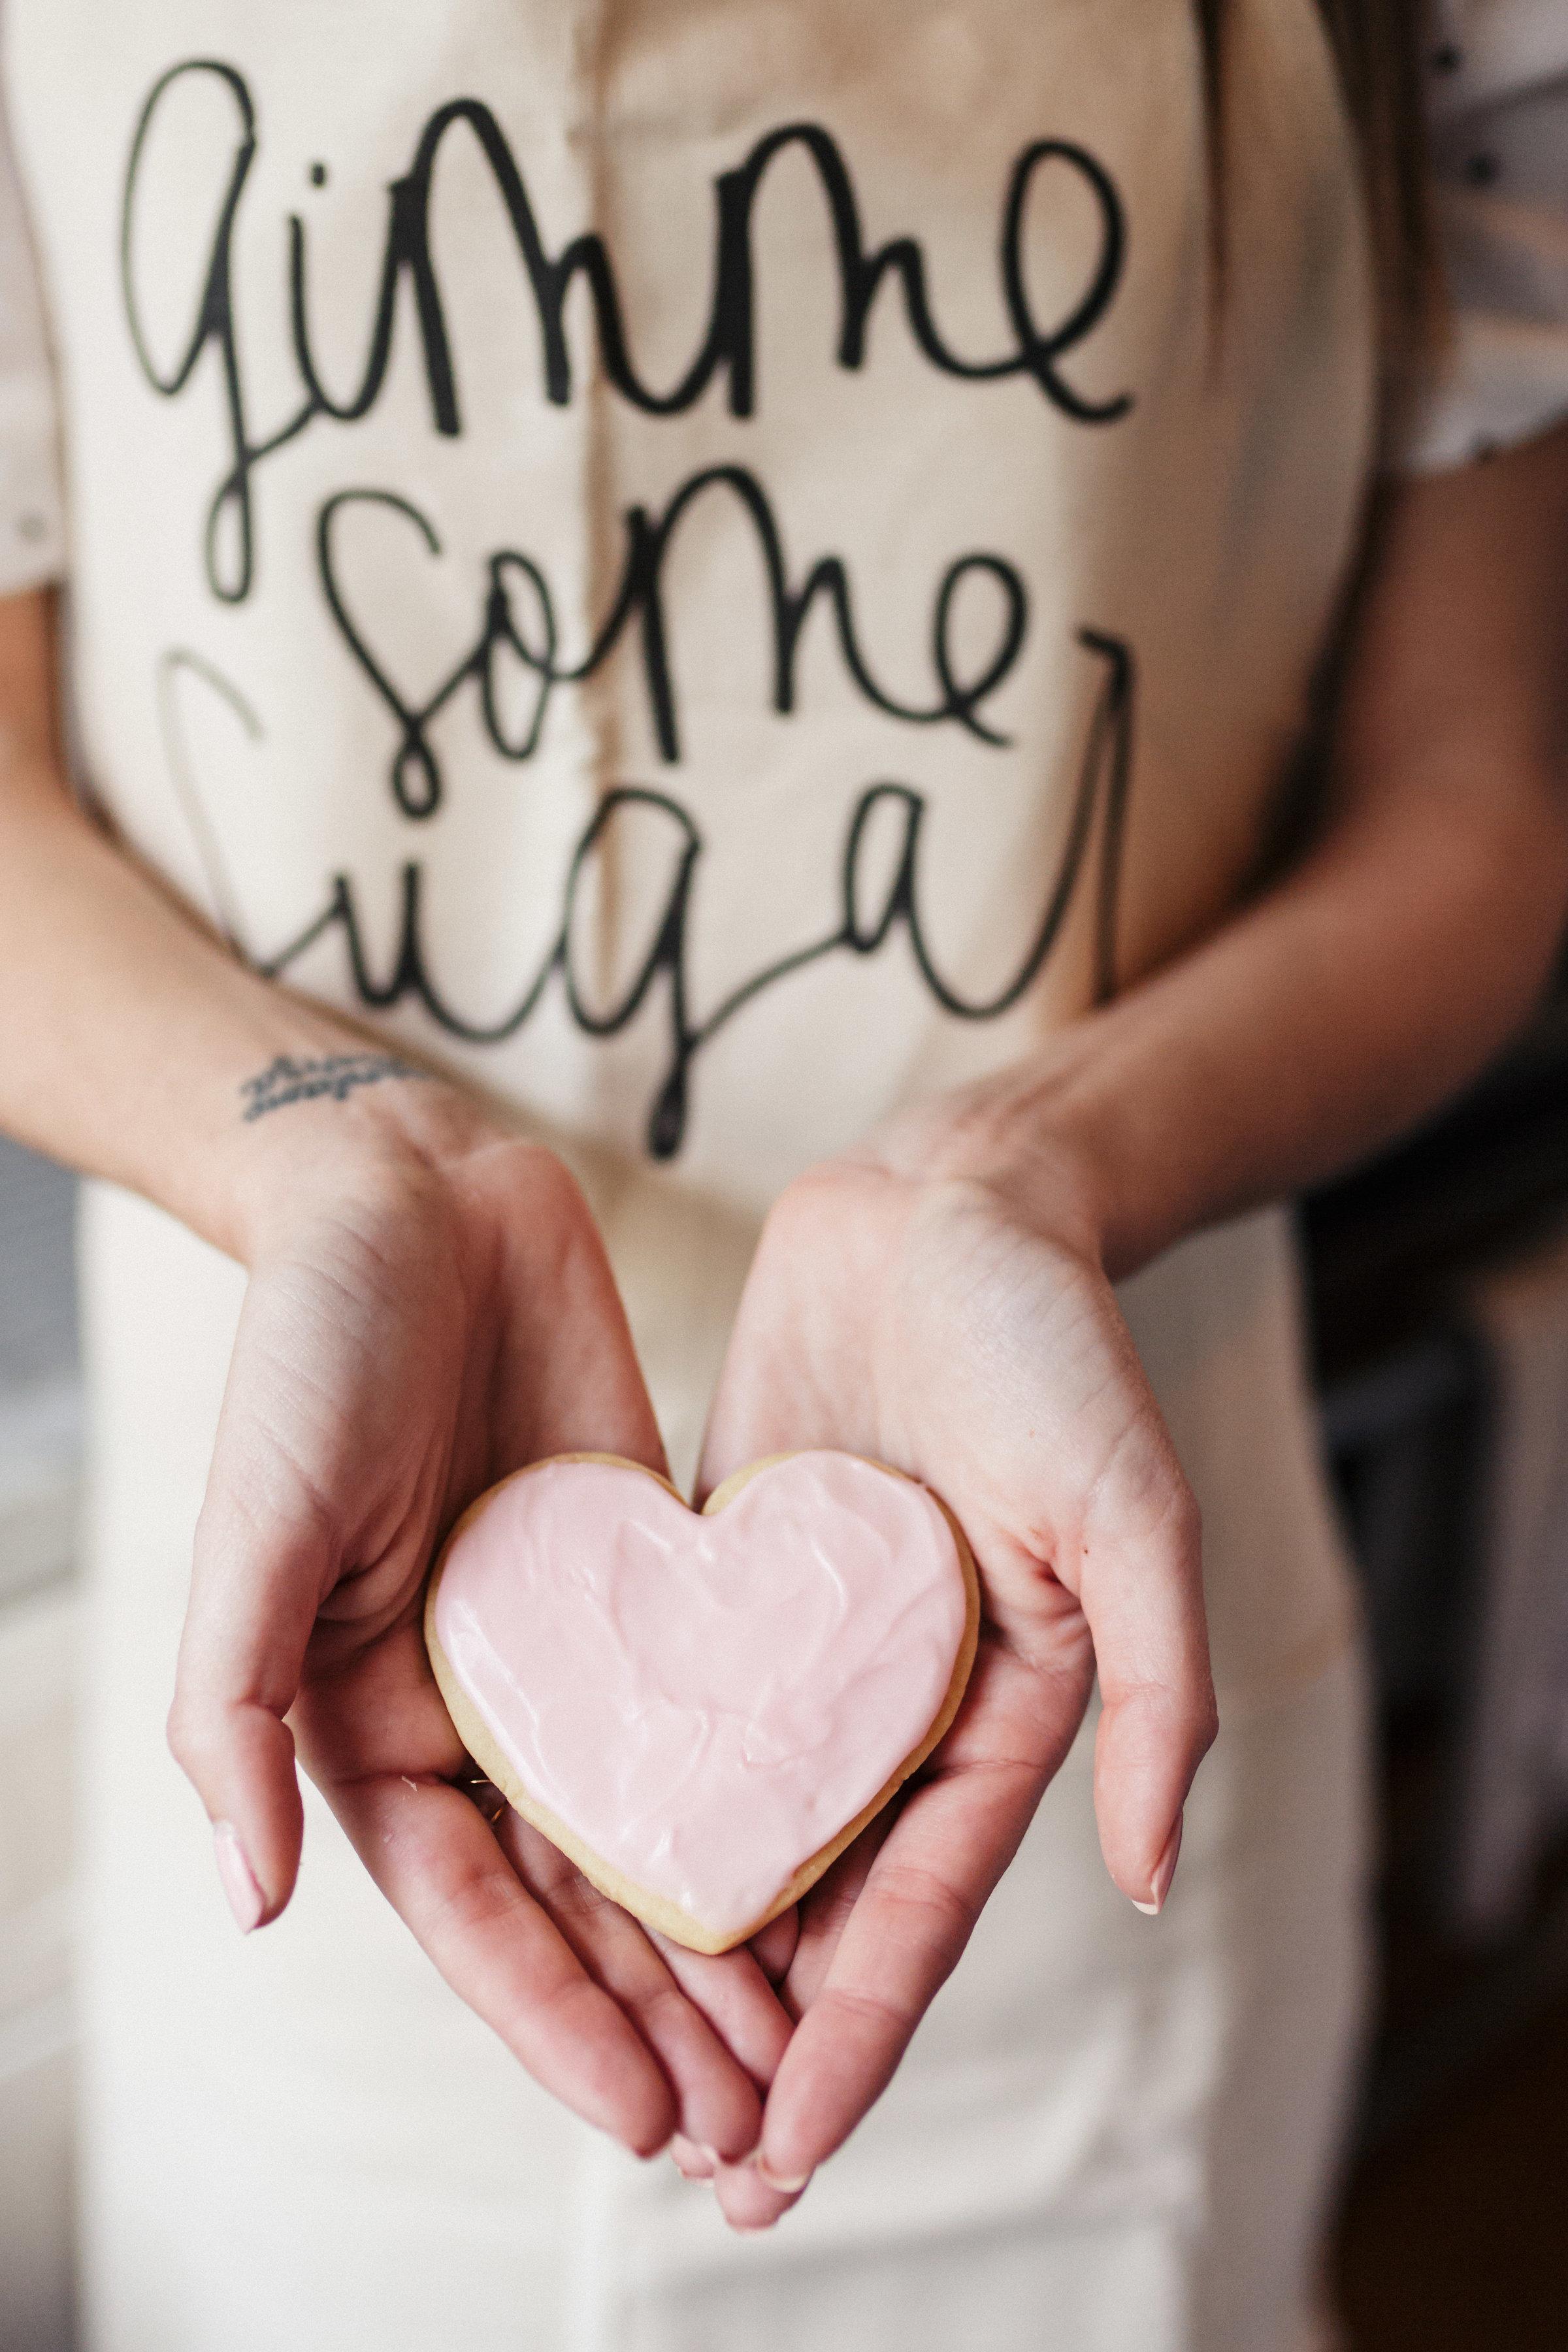 heartshapedsugarcookies